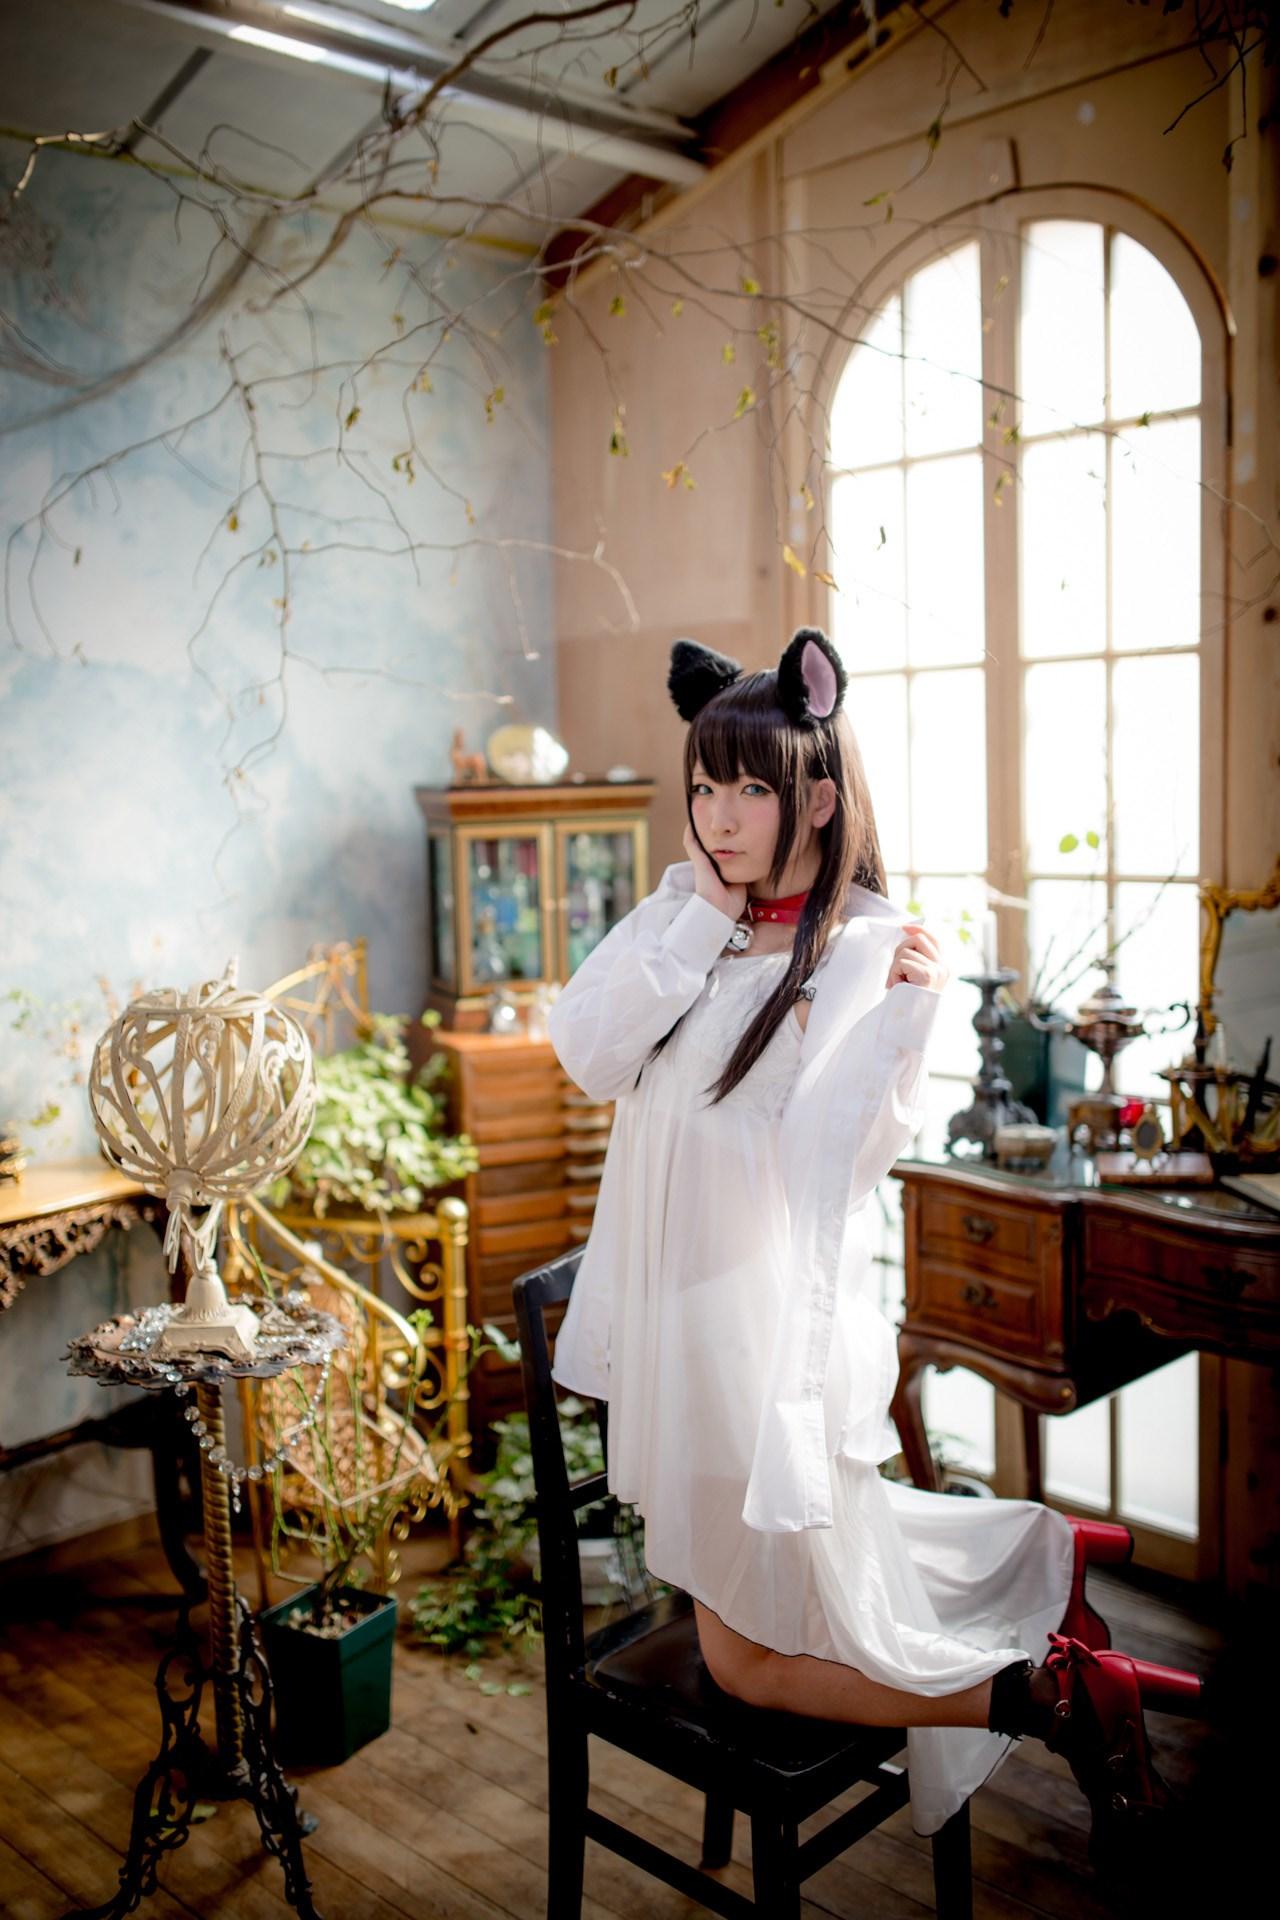 【兔玩映画】猫耳娘 兔玩映画 第8张